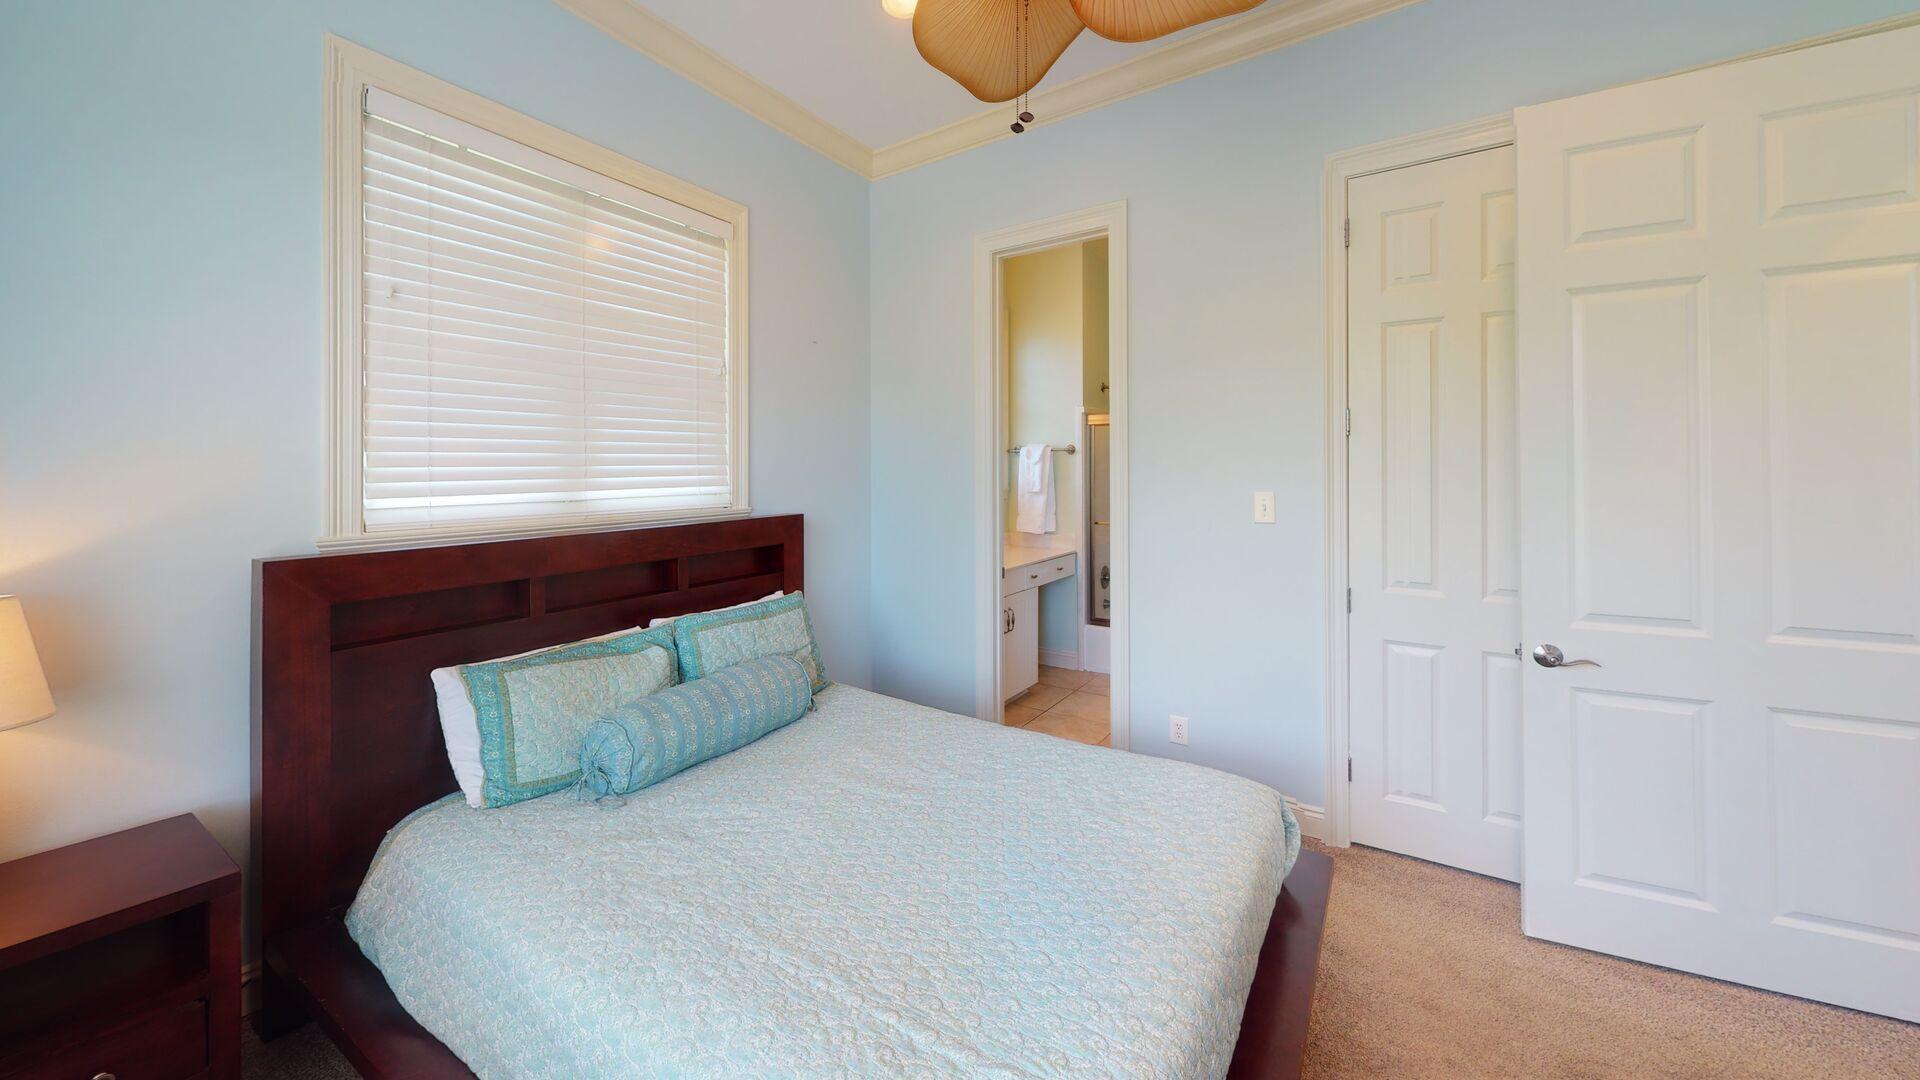 2nd floor bedroom 2 has a queen bed and TV